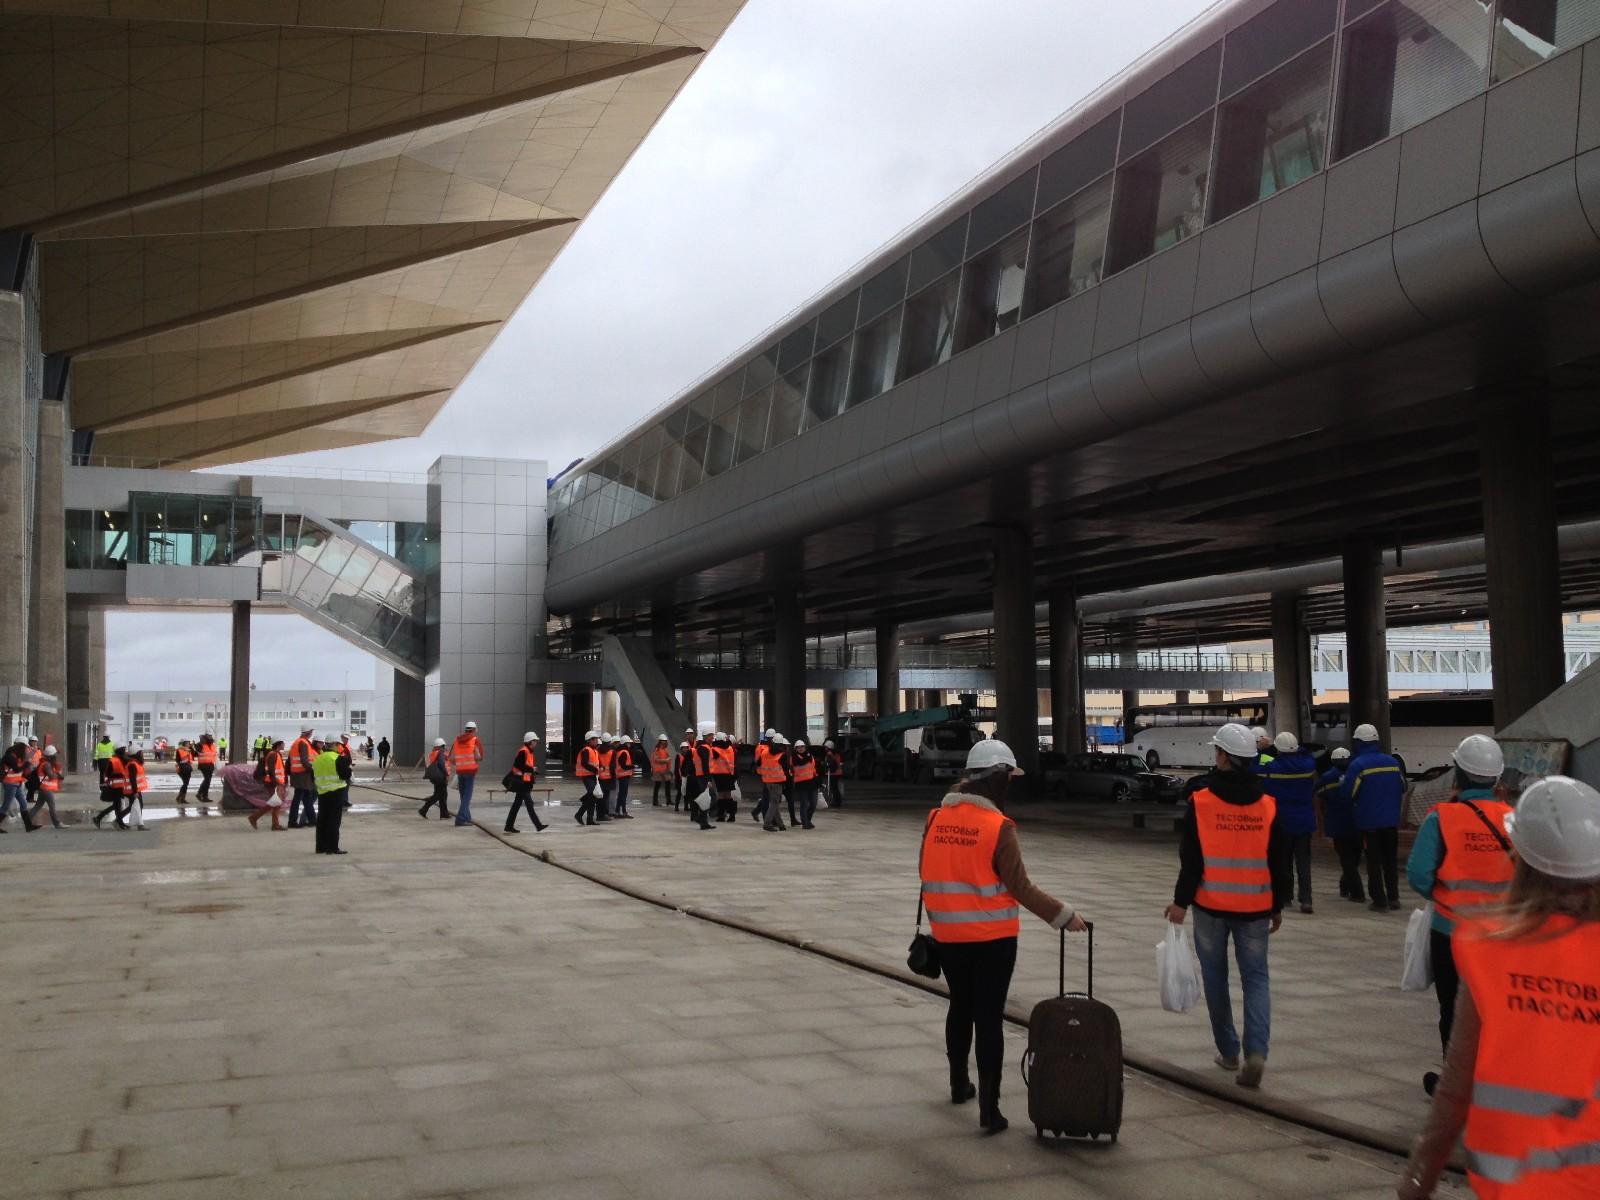 Подъездная галереея на уровне третьего этажа нового терминала Пулково, переход из галереи на третий этаж терминала в зону регистрации; площадь на уровне первого этажа терминала